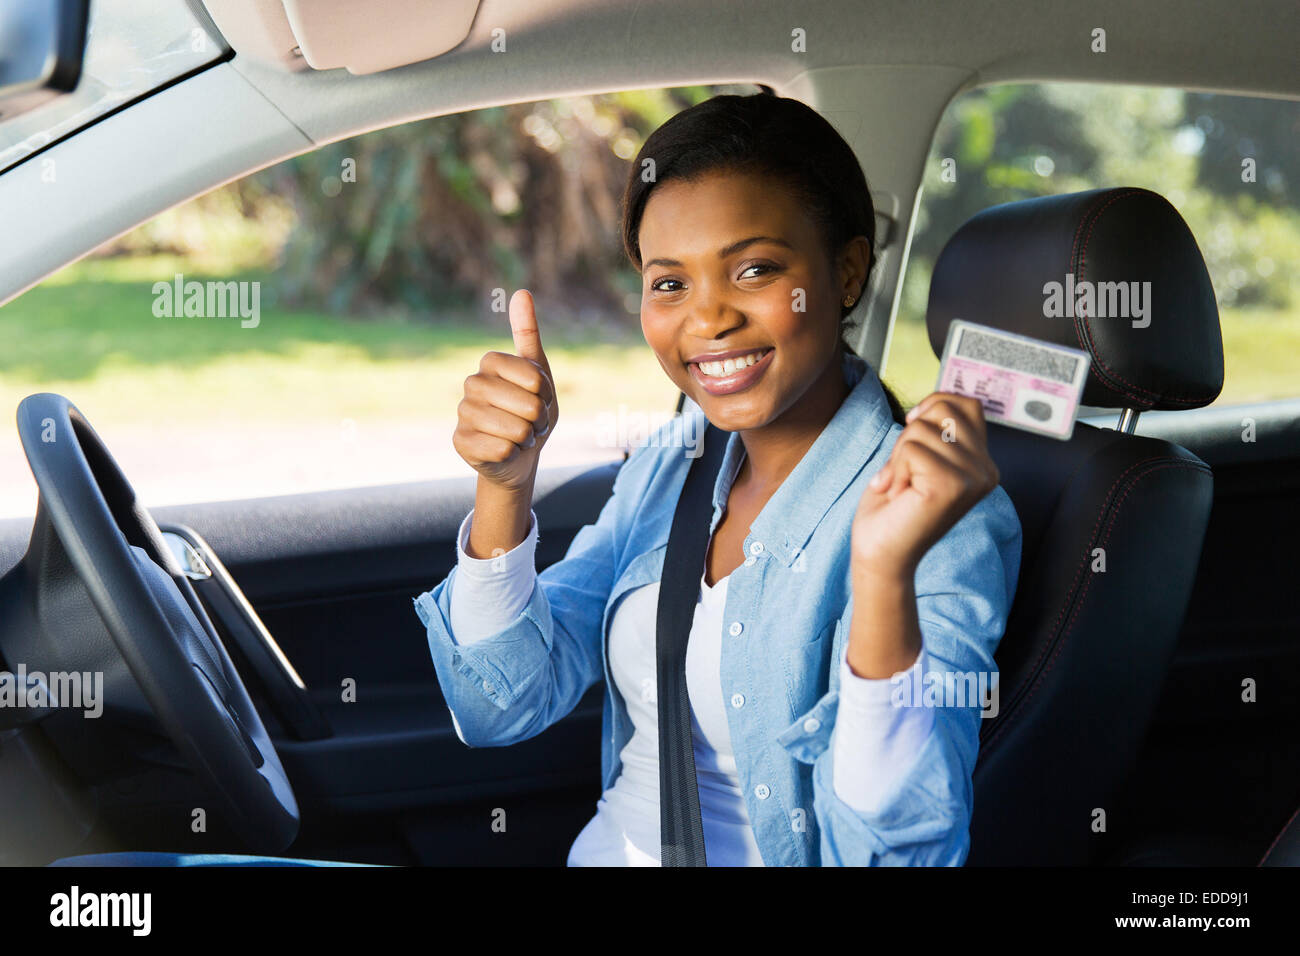 Alegre muchacha africana sosteniendo su licencia de conductor ella acabo Imagen De Stock